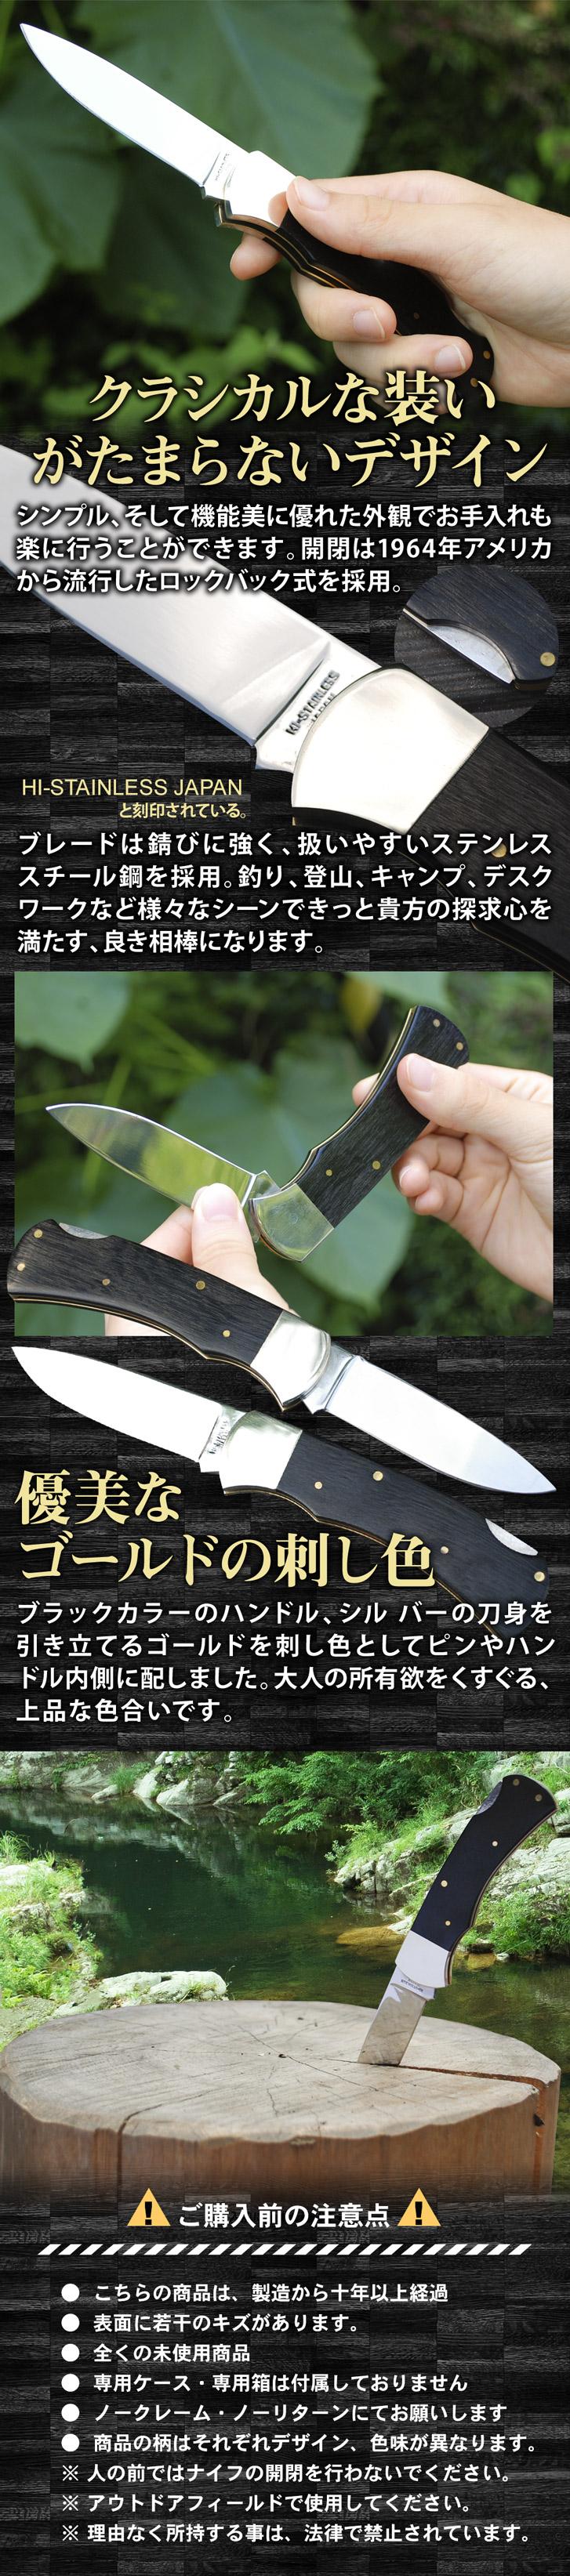 Vintage Knife ヴィンテージナイフ特集 vol.5